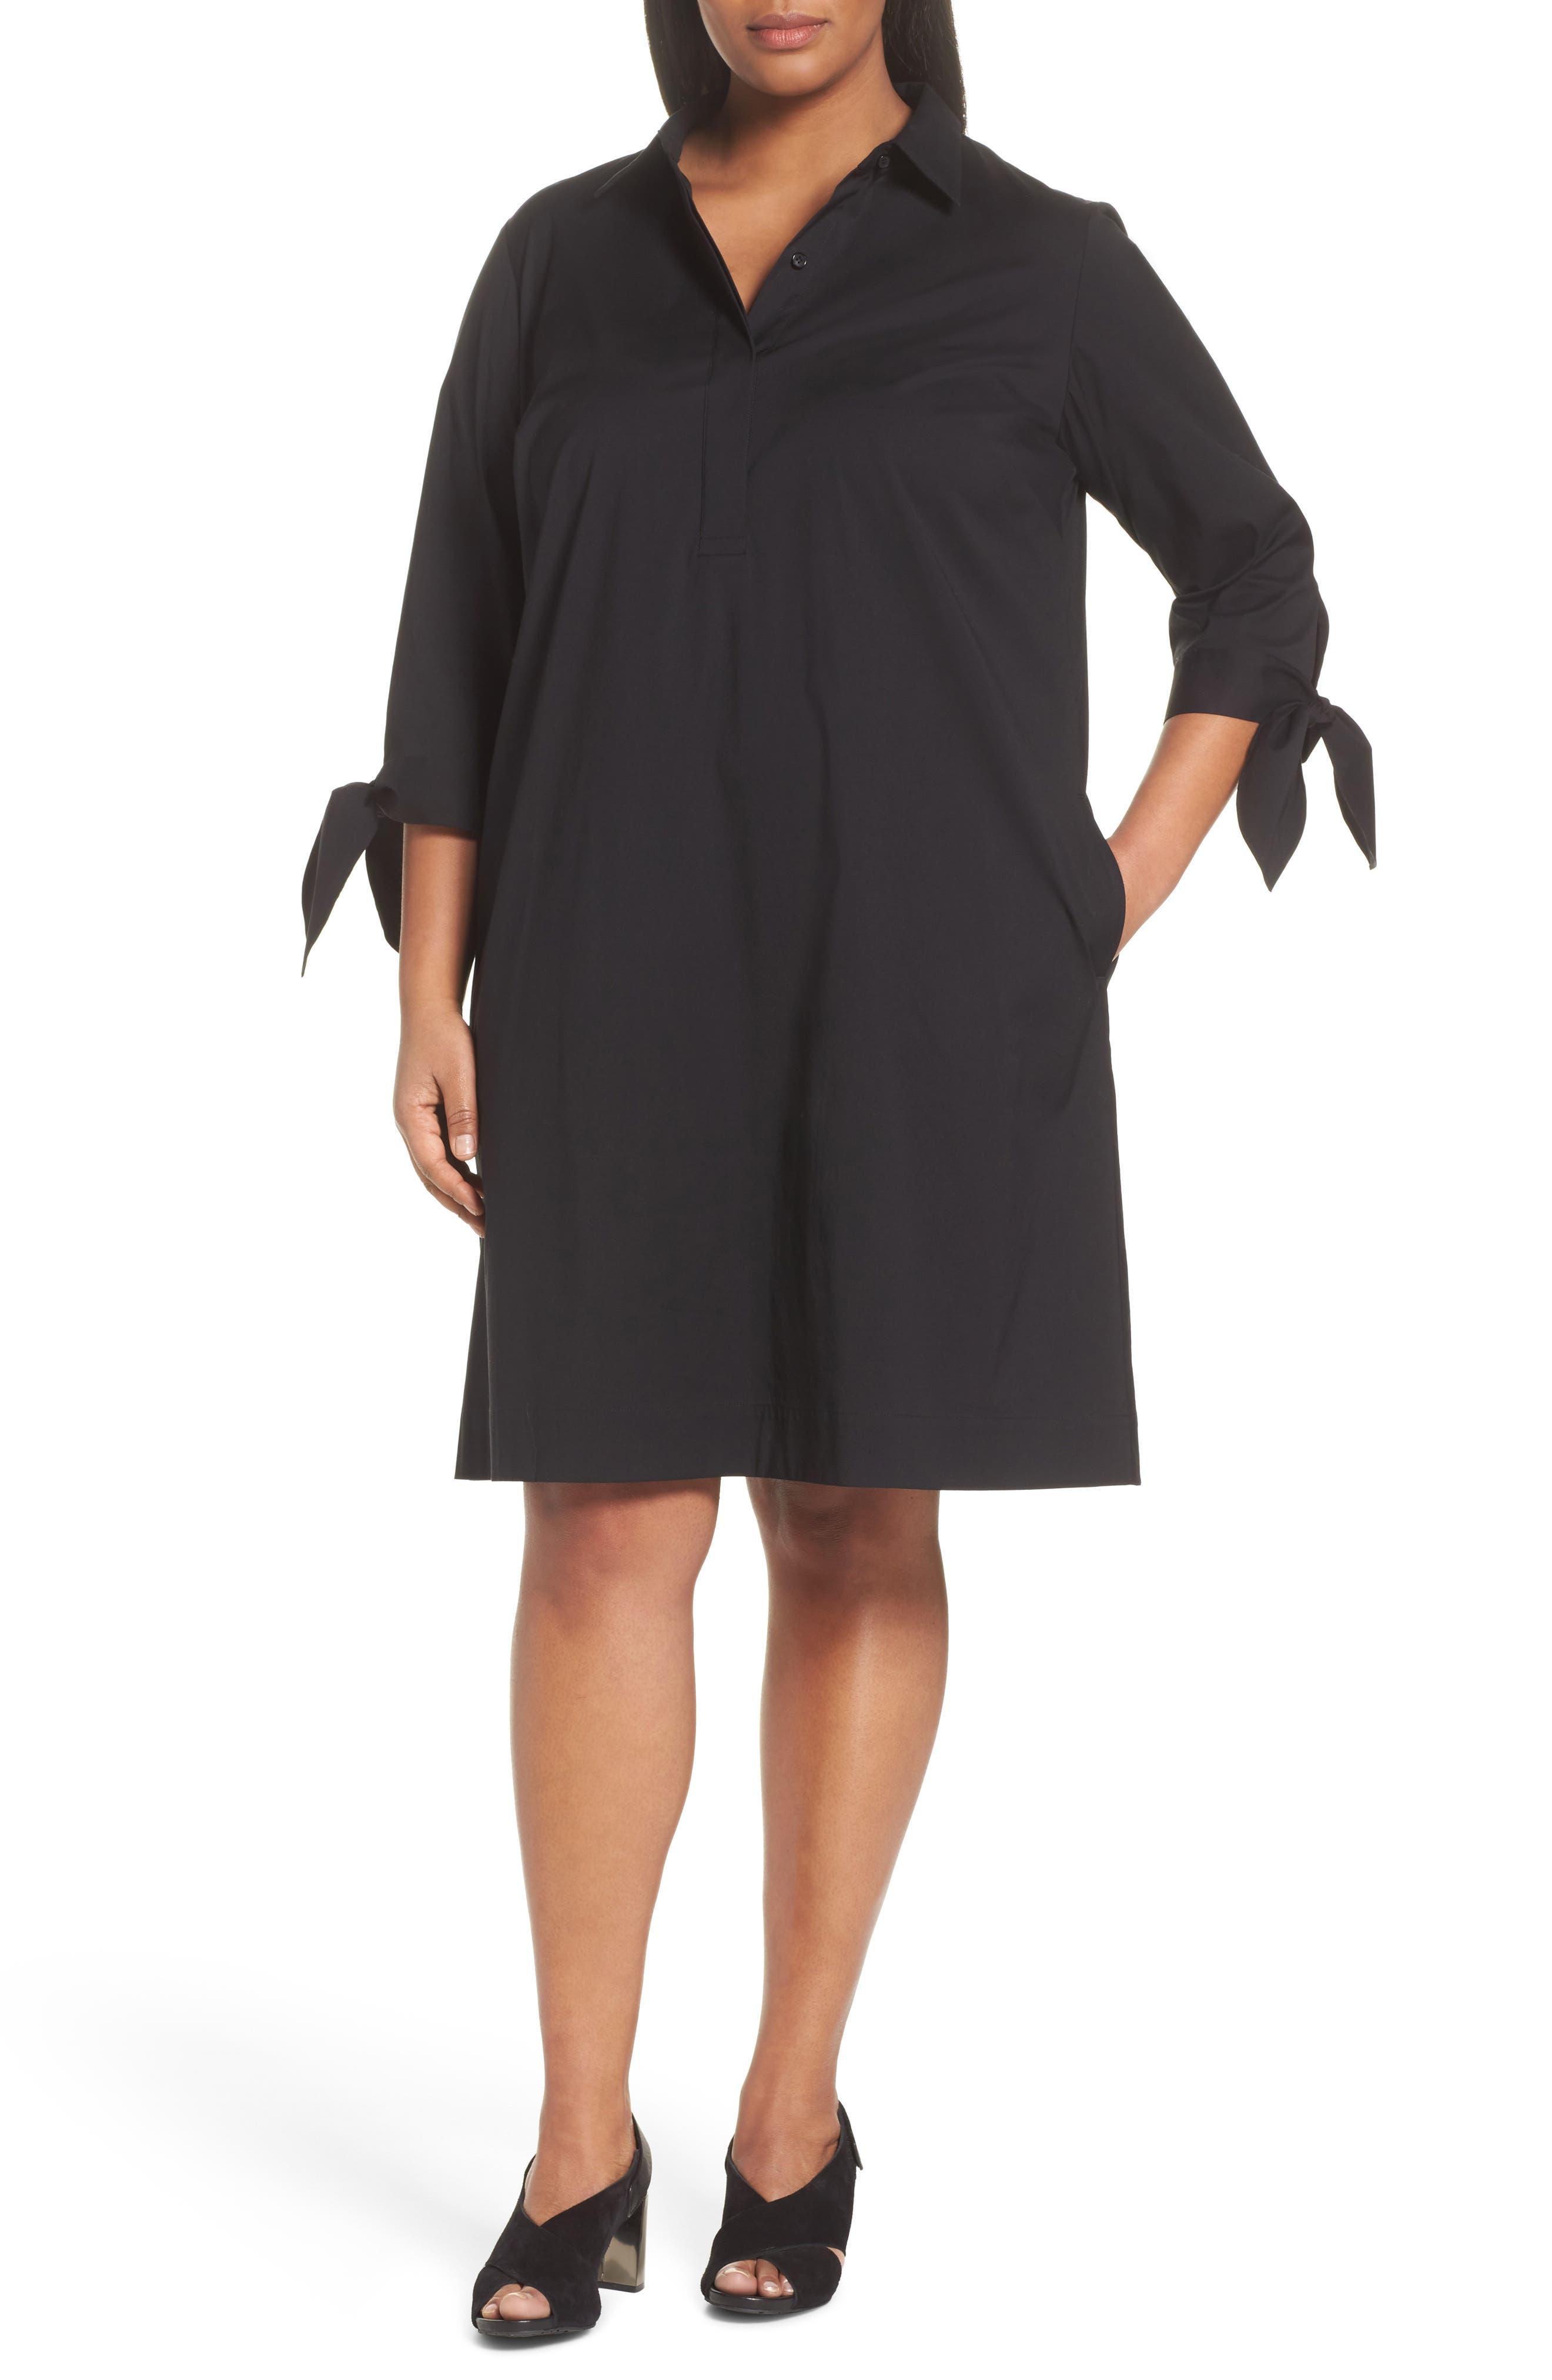 Lafayette 148 Talia Shirtdress,                             Main thumbnail 1, color,                             Black